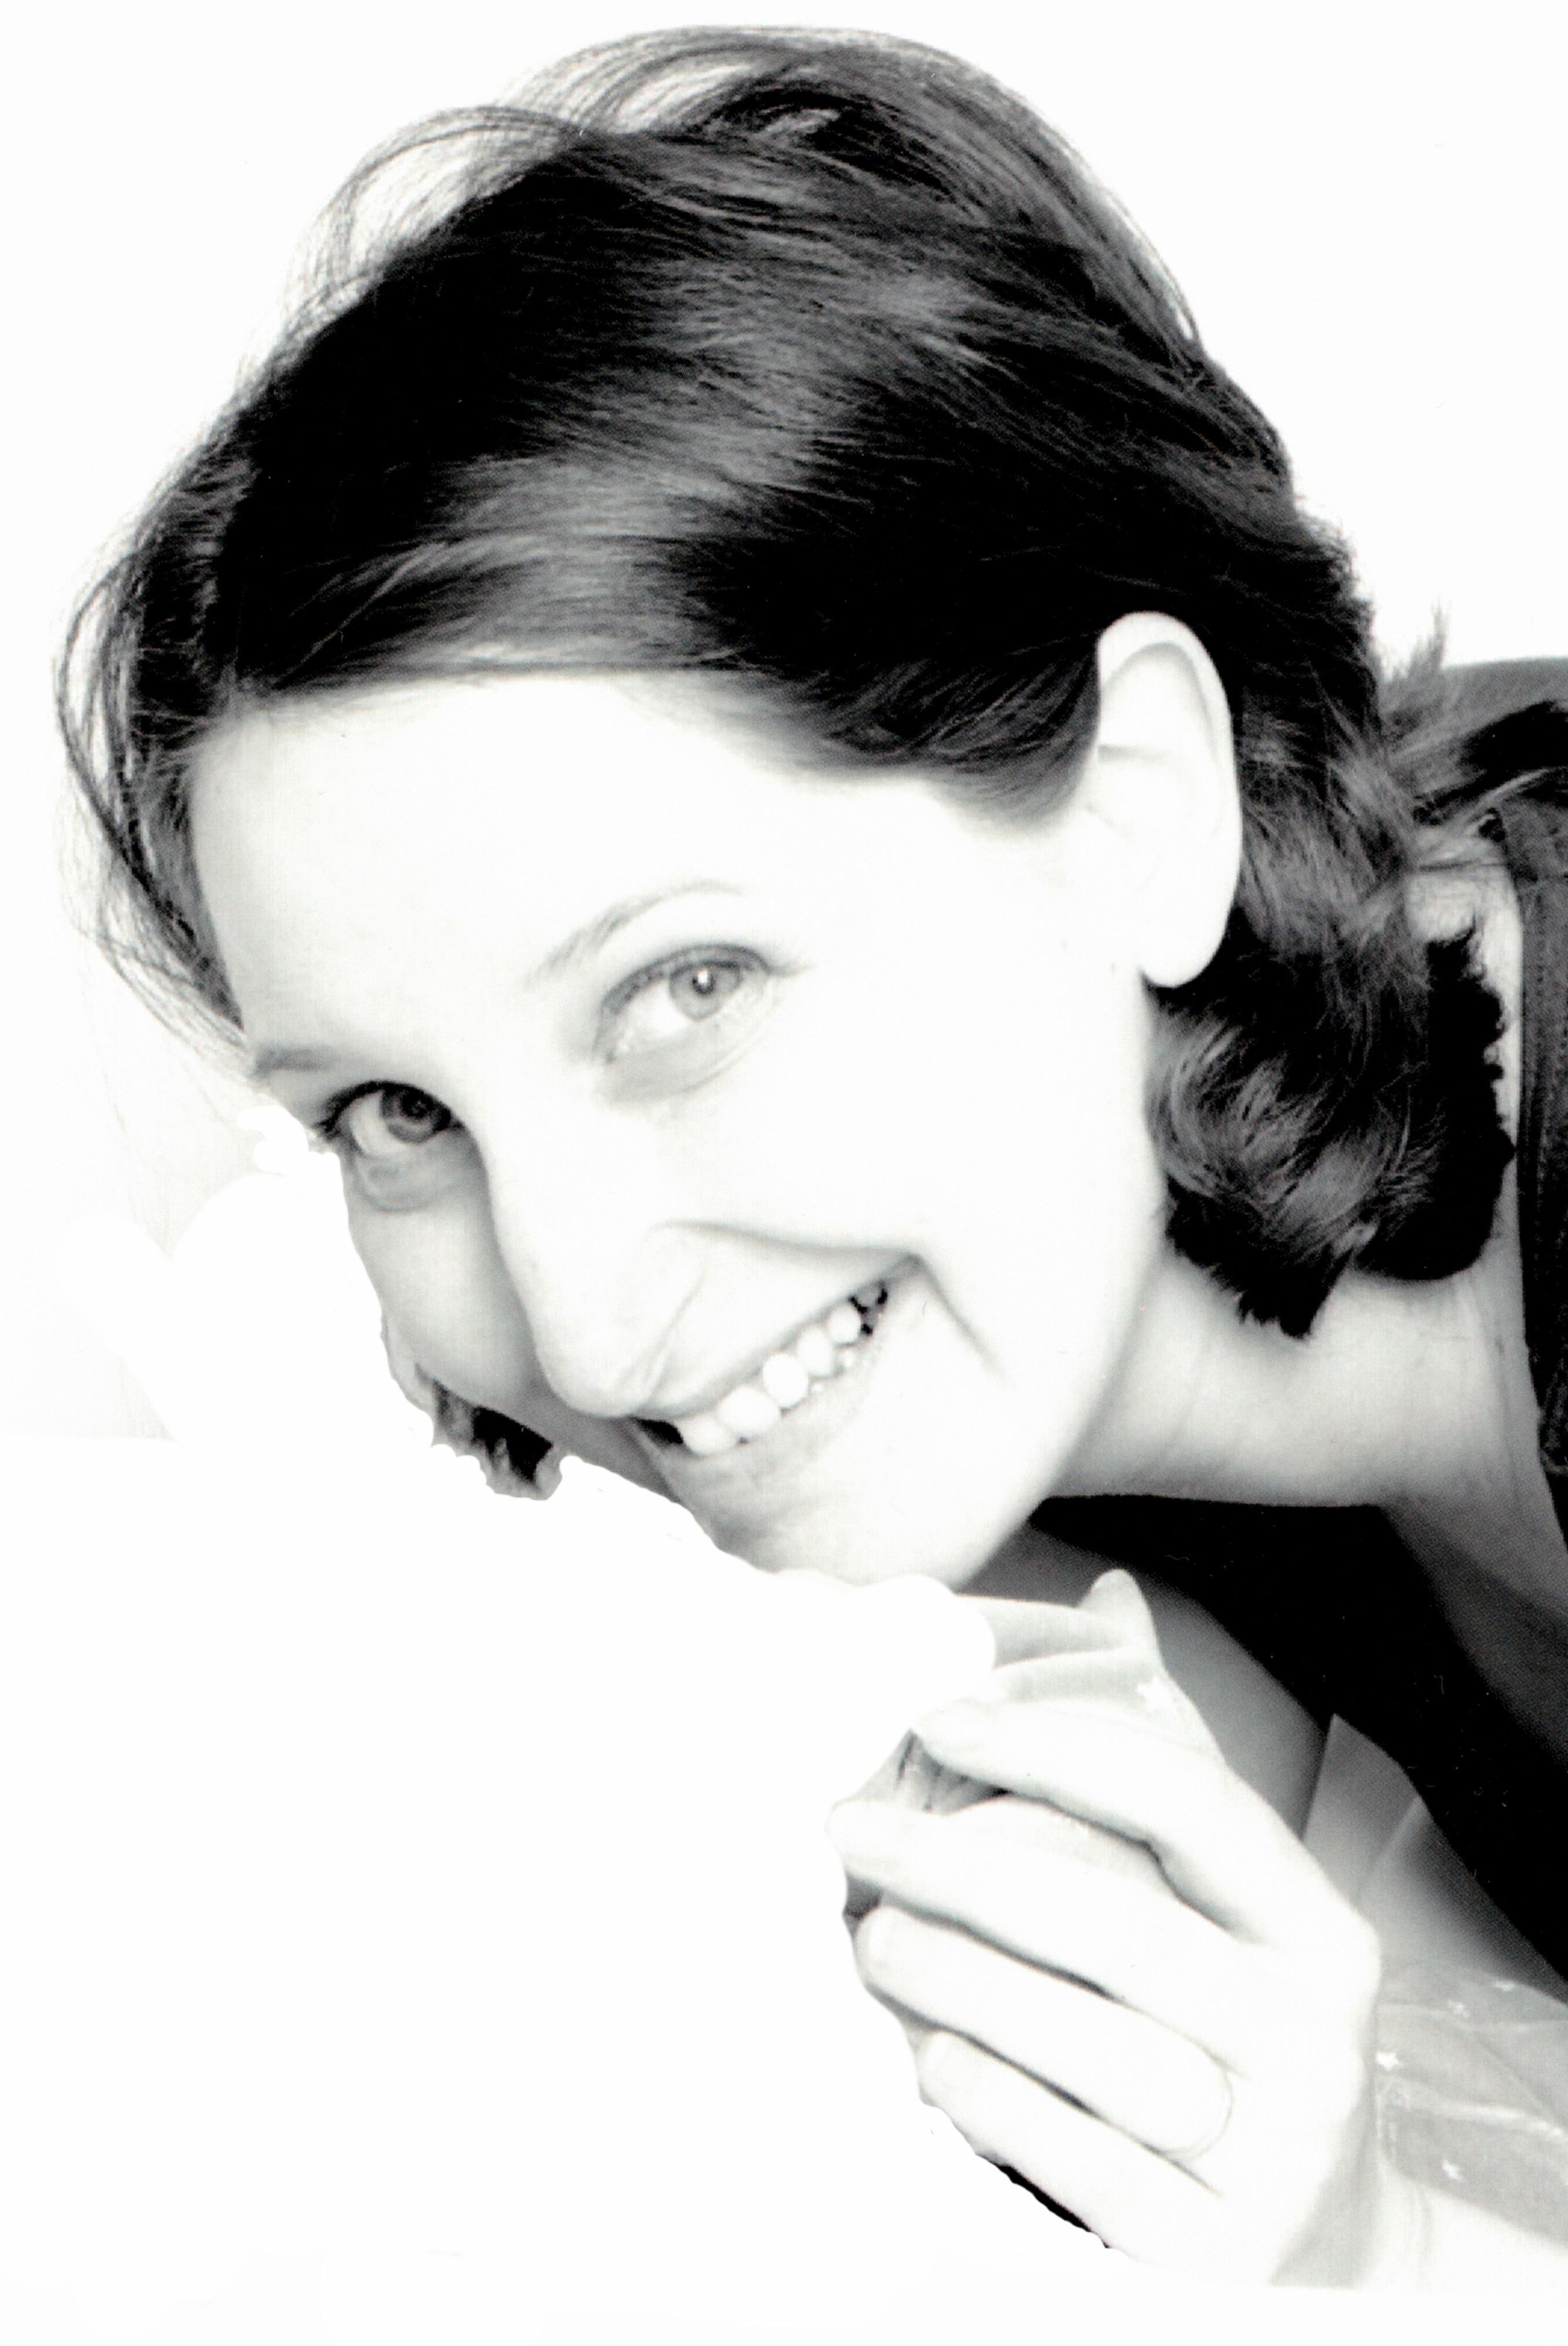 Bienvenue à Mademoiselle Tango, future mariée de juin 2012